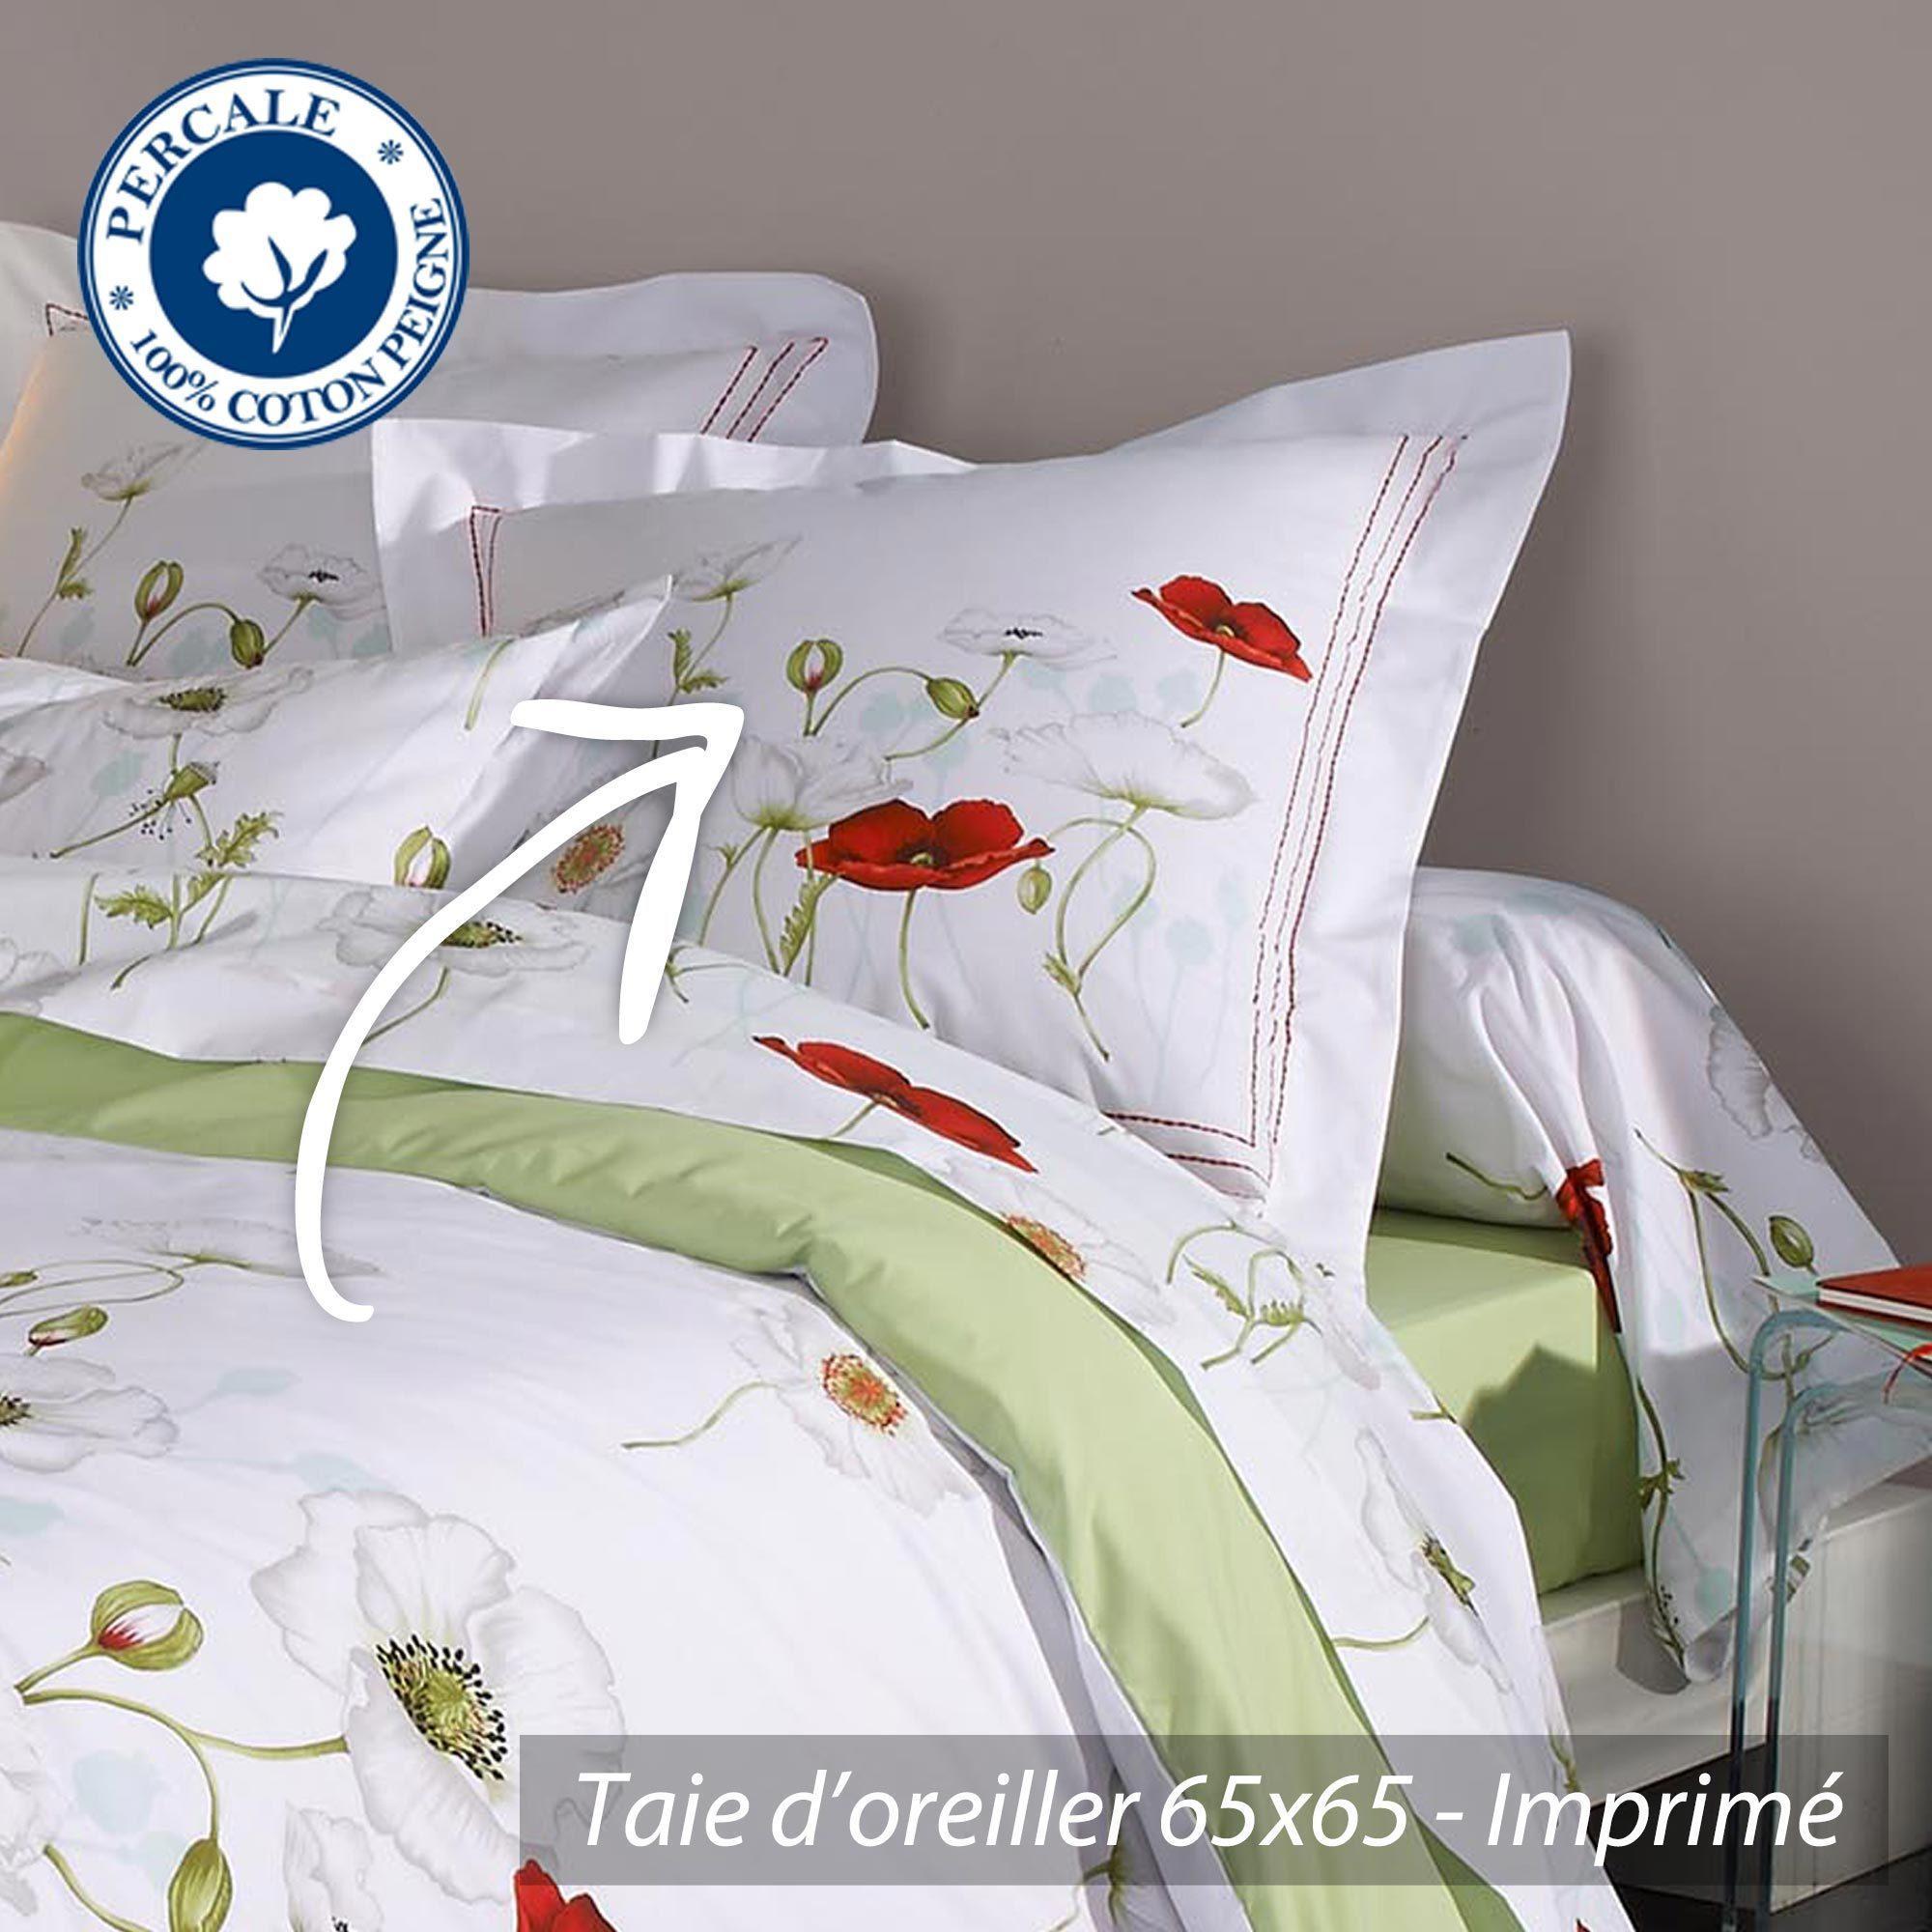 parure de lit percale pur coton peign 140x200 cm. Black Bedroom Furniture Sets. Home Design Ideas